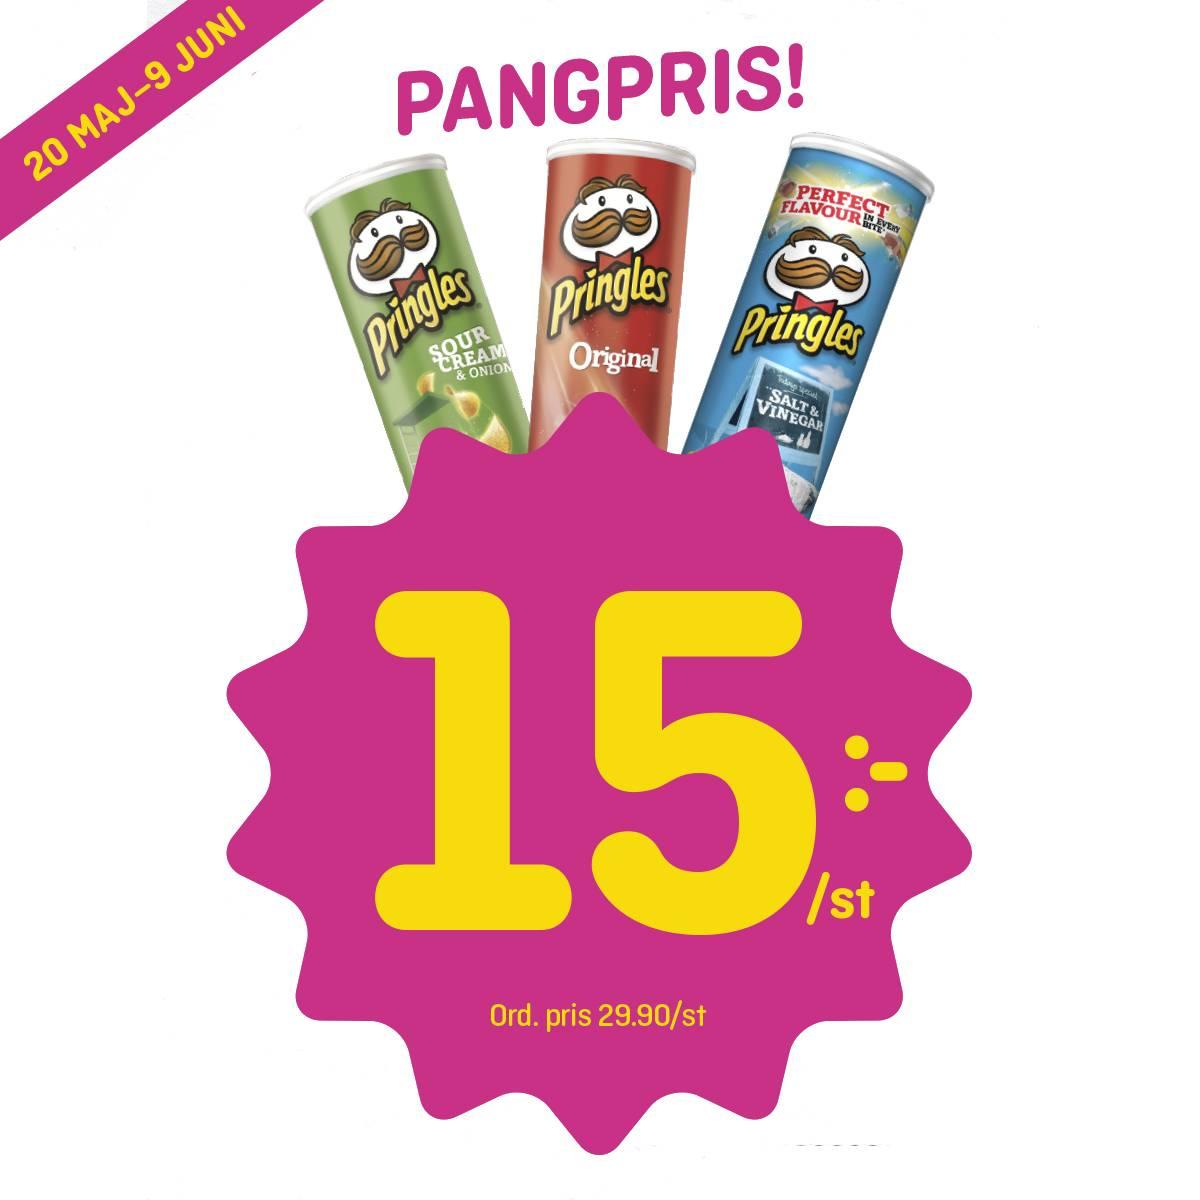 pangpris_pringles_white